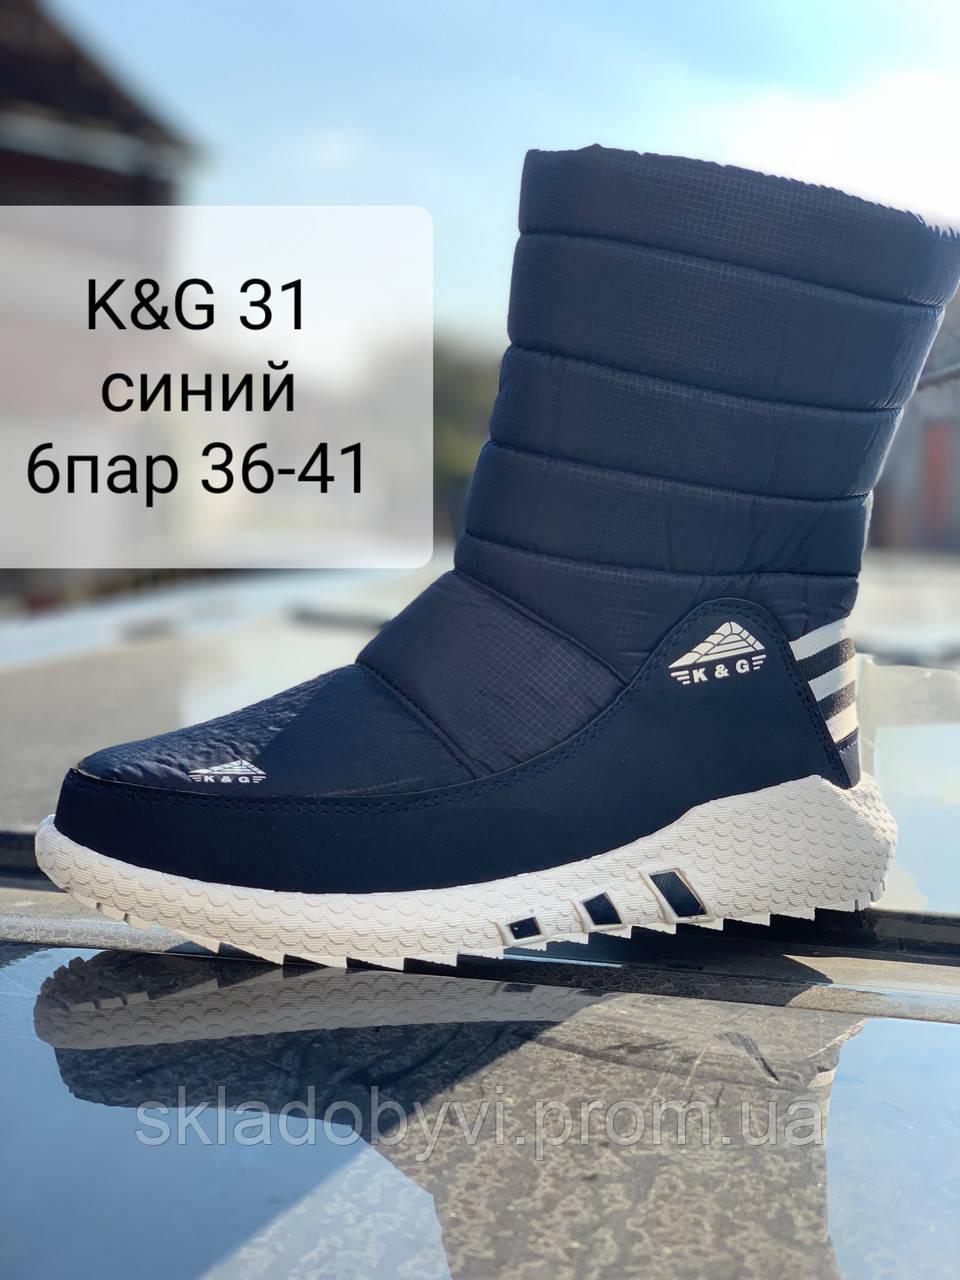 Жіночі дутики чоботи. K&G 31 синій